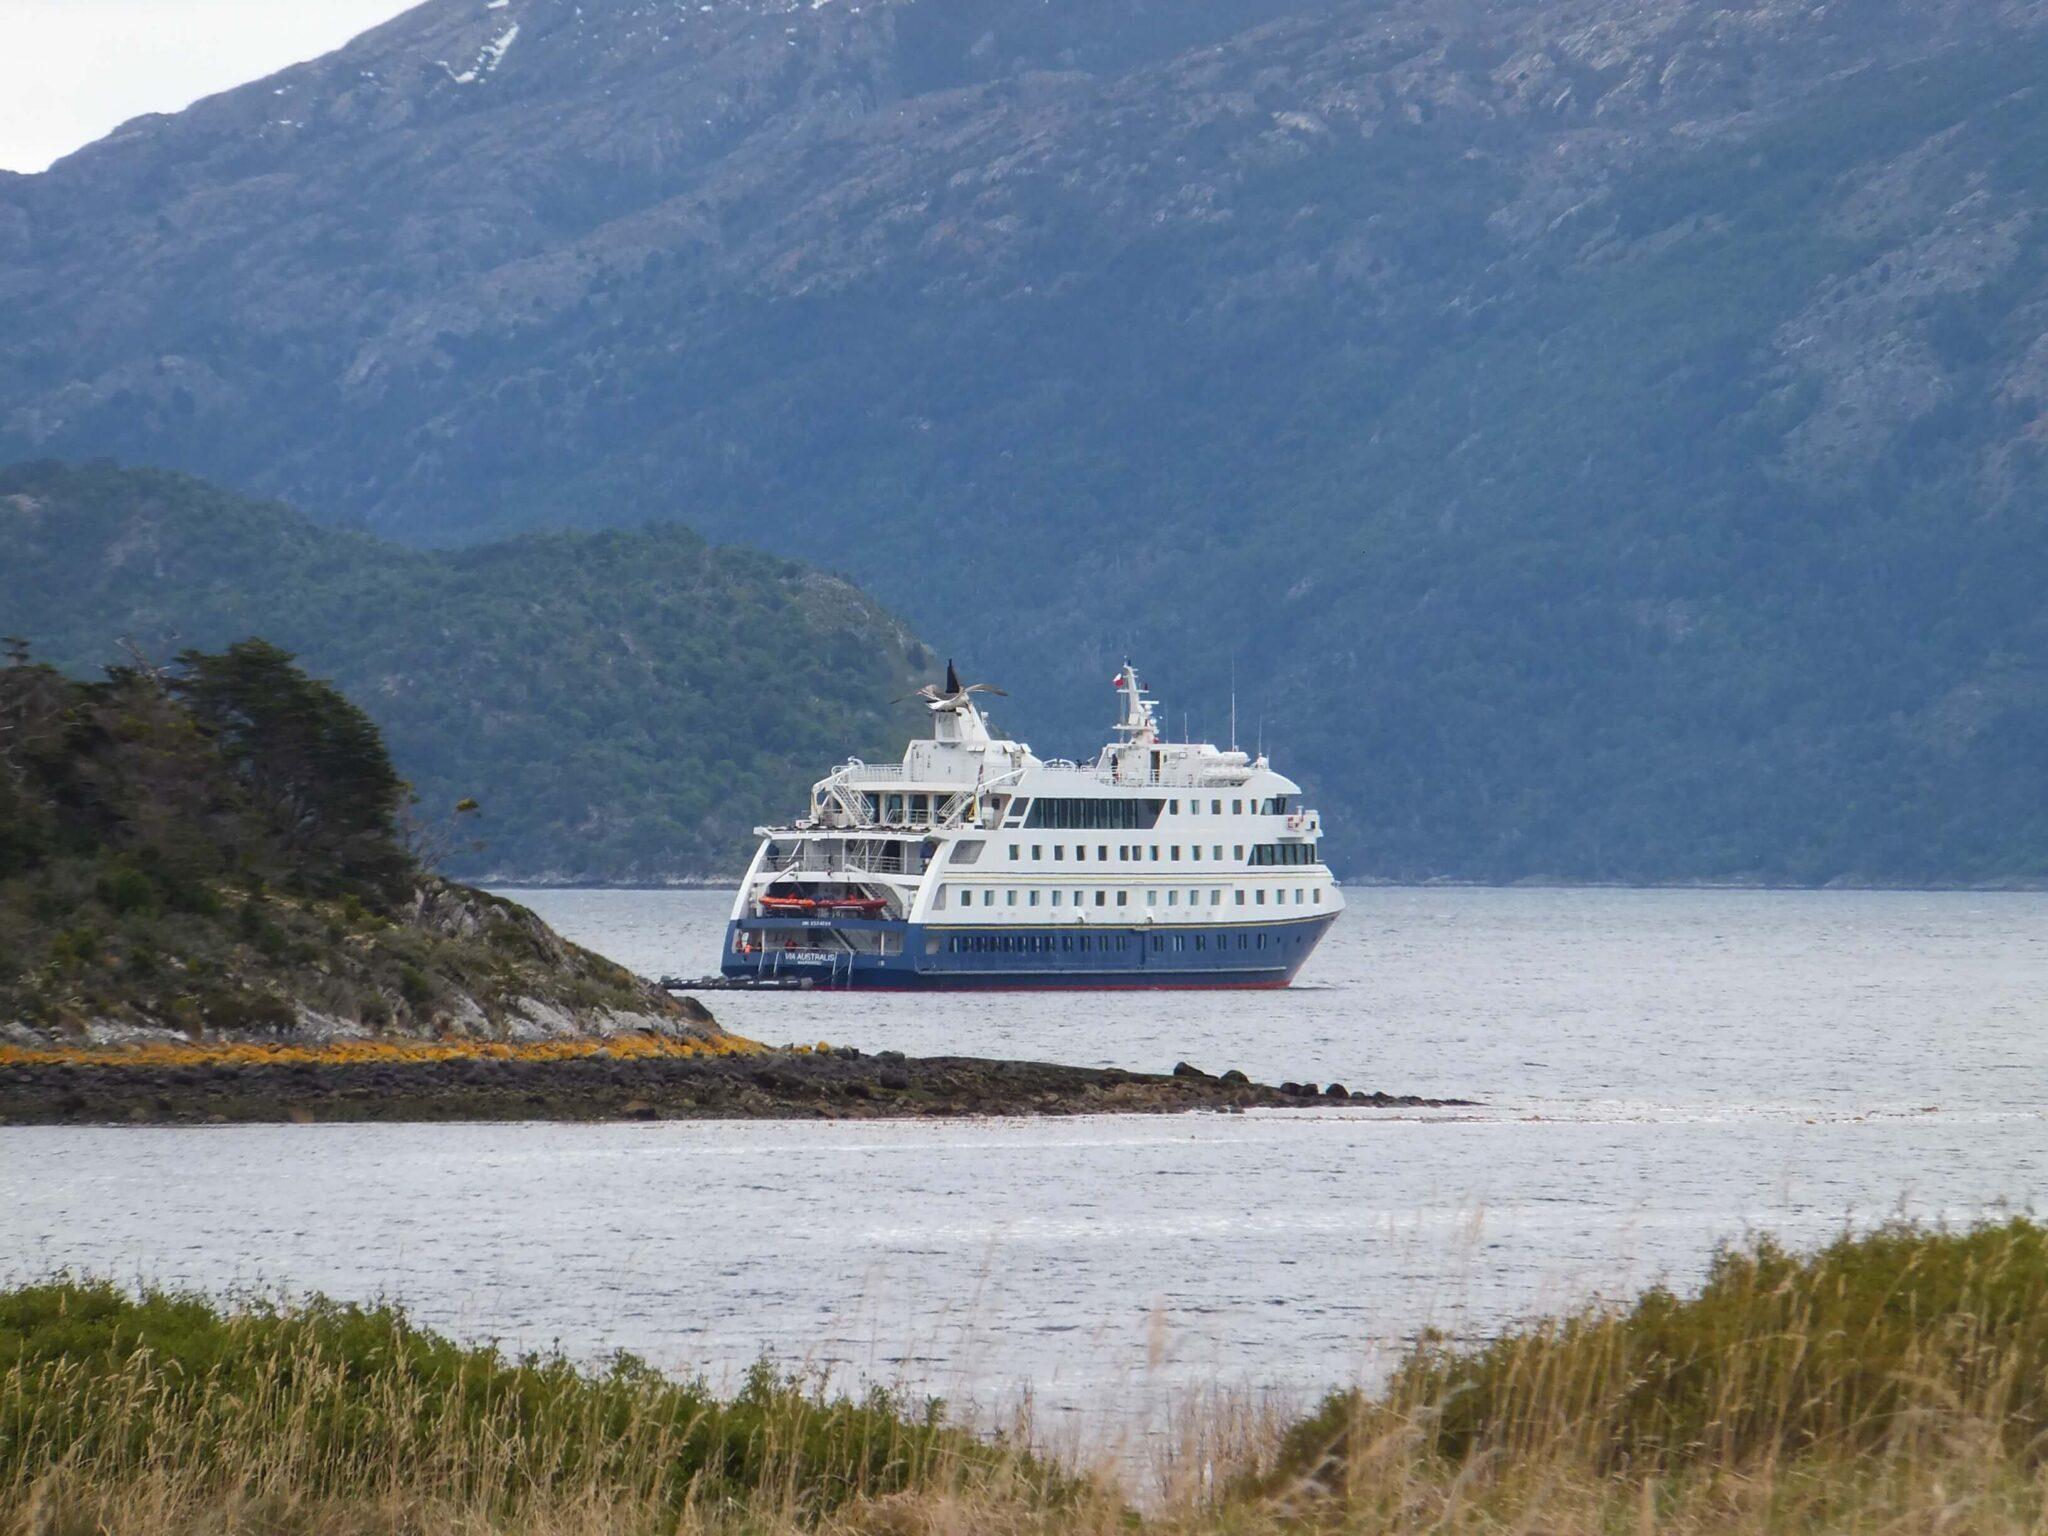 Mis historias como huésped: Crucero Vía Australis al Cabo de Hornos